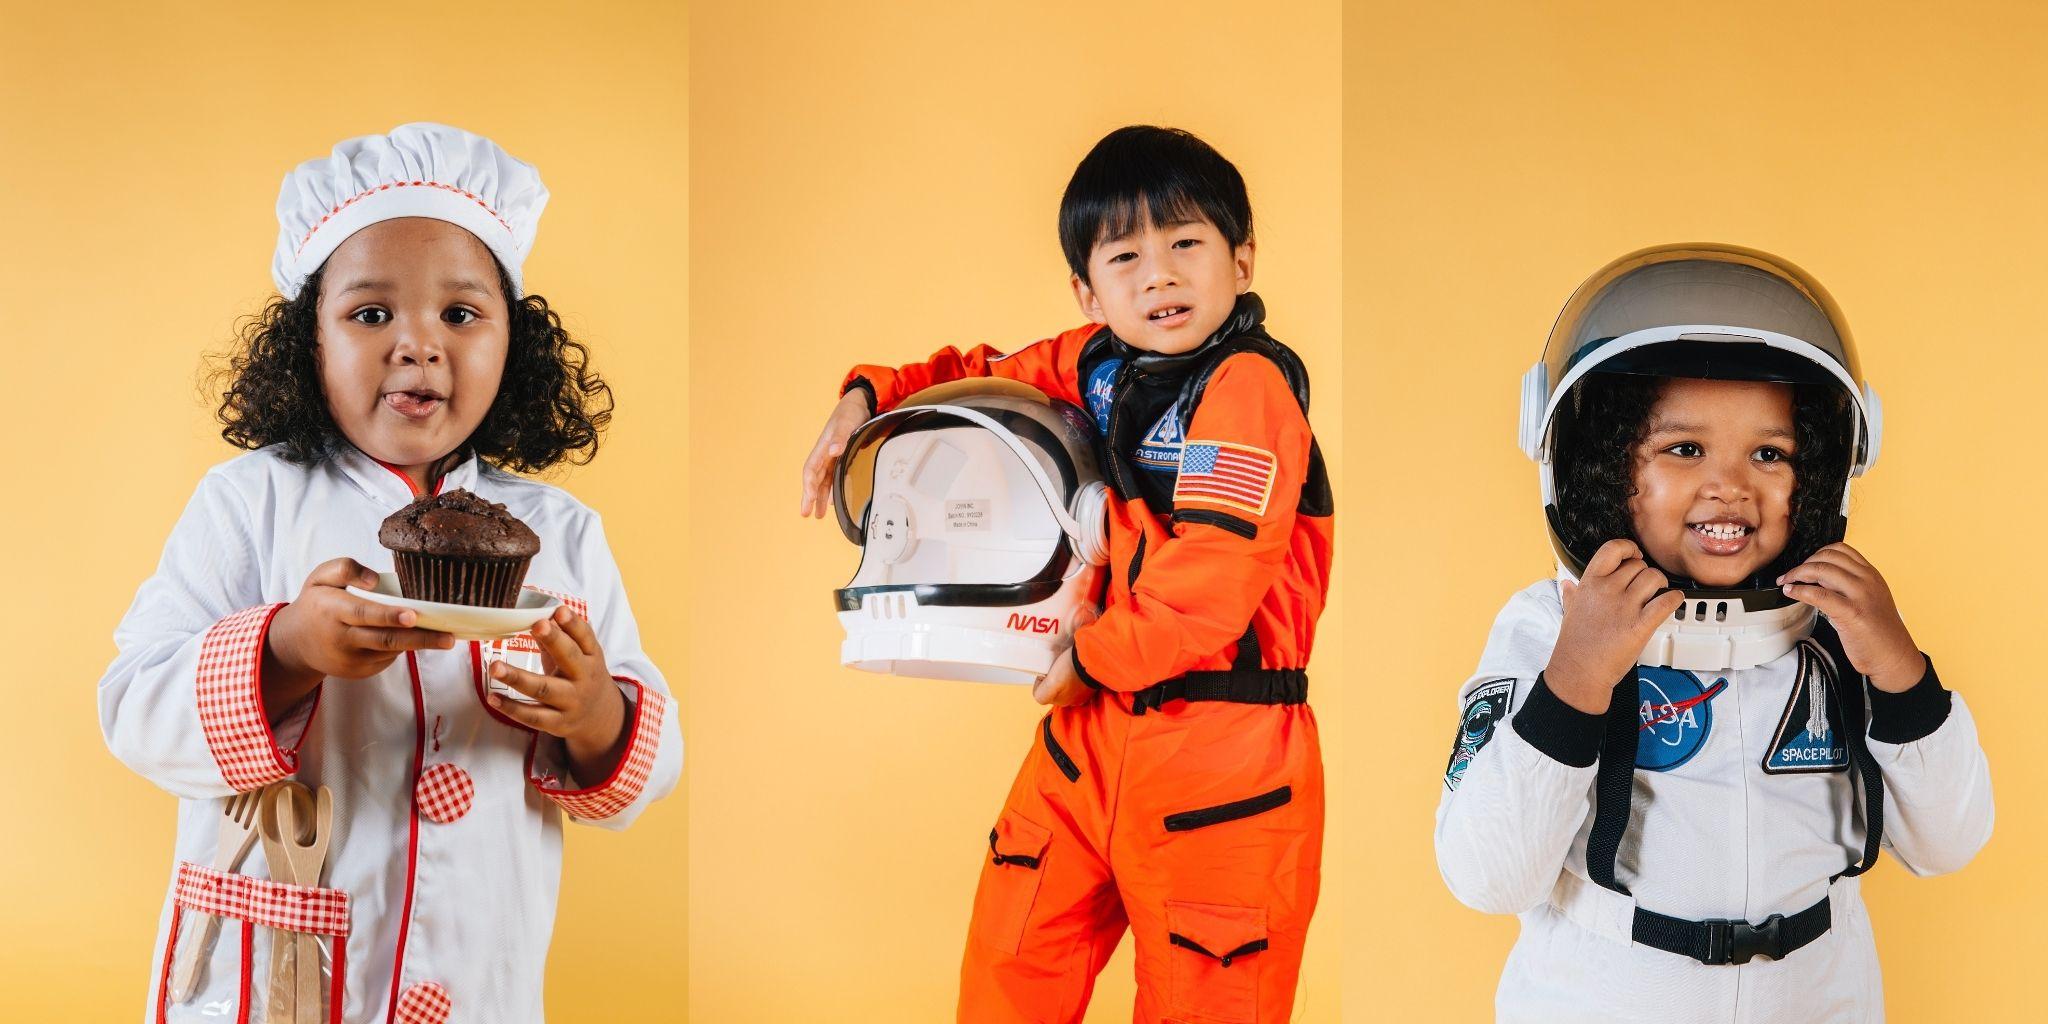 6 Conseils pour expliquer les différents métiers aux enfants